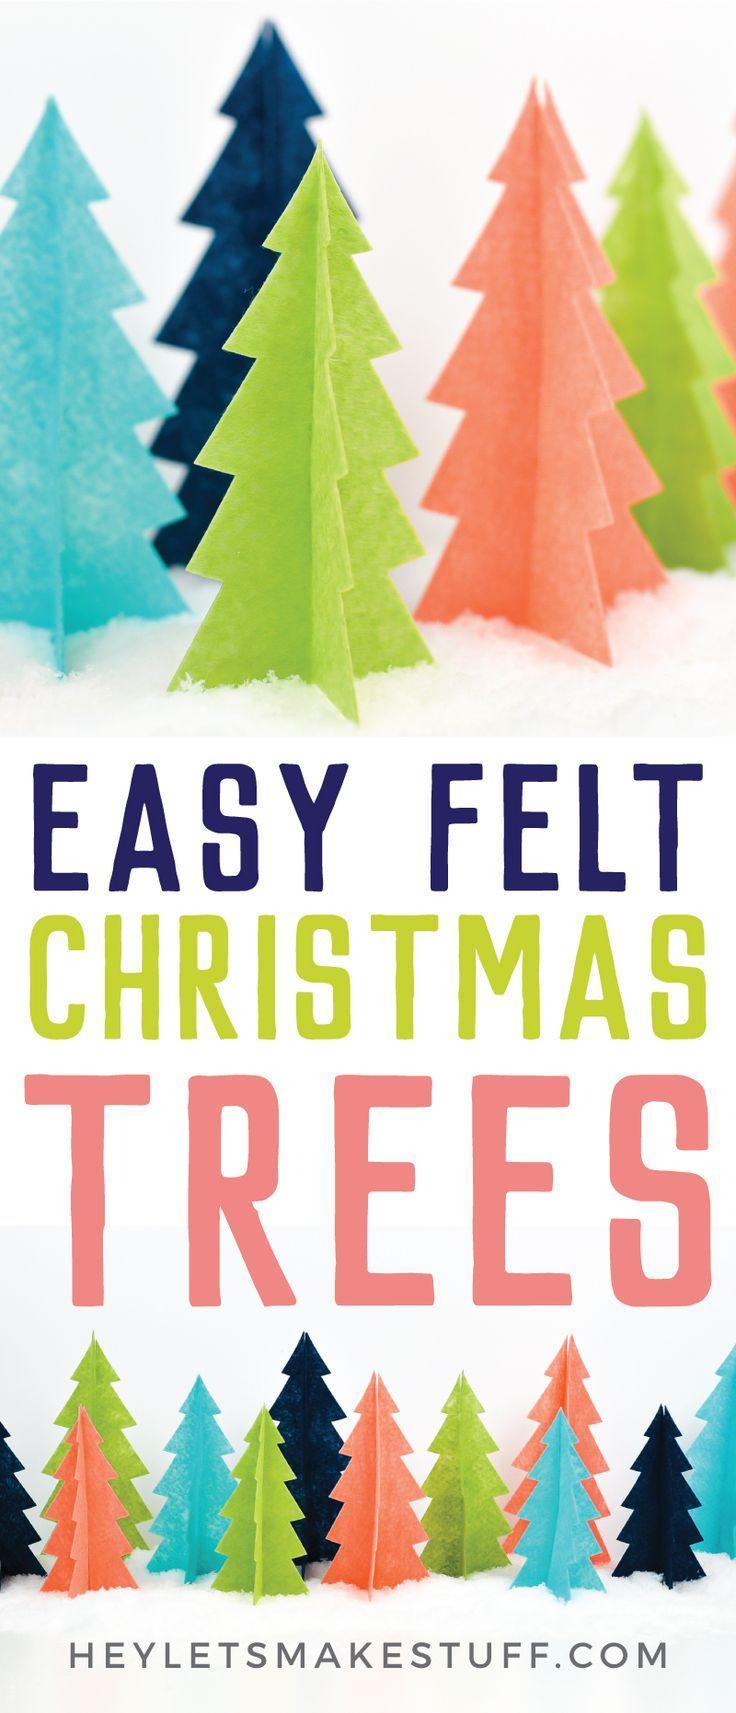 Easy Easy Felt Christmas Trees with the Cricut Maker - Beginner Cricut Project